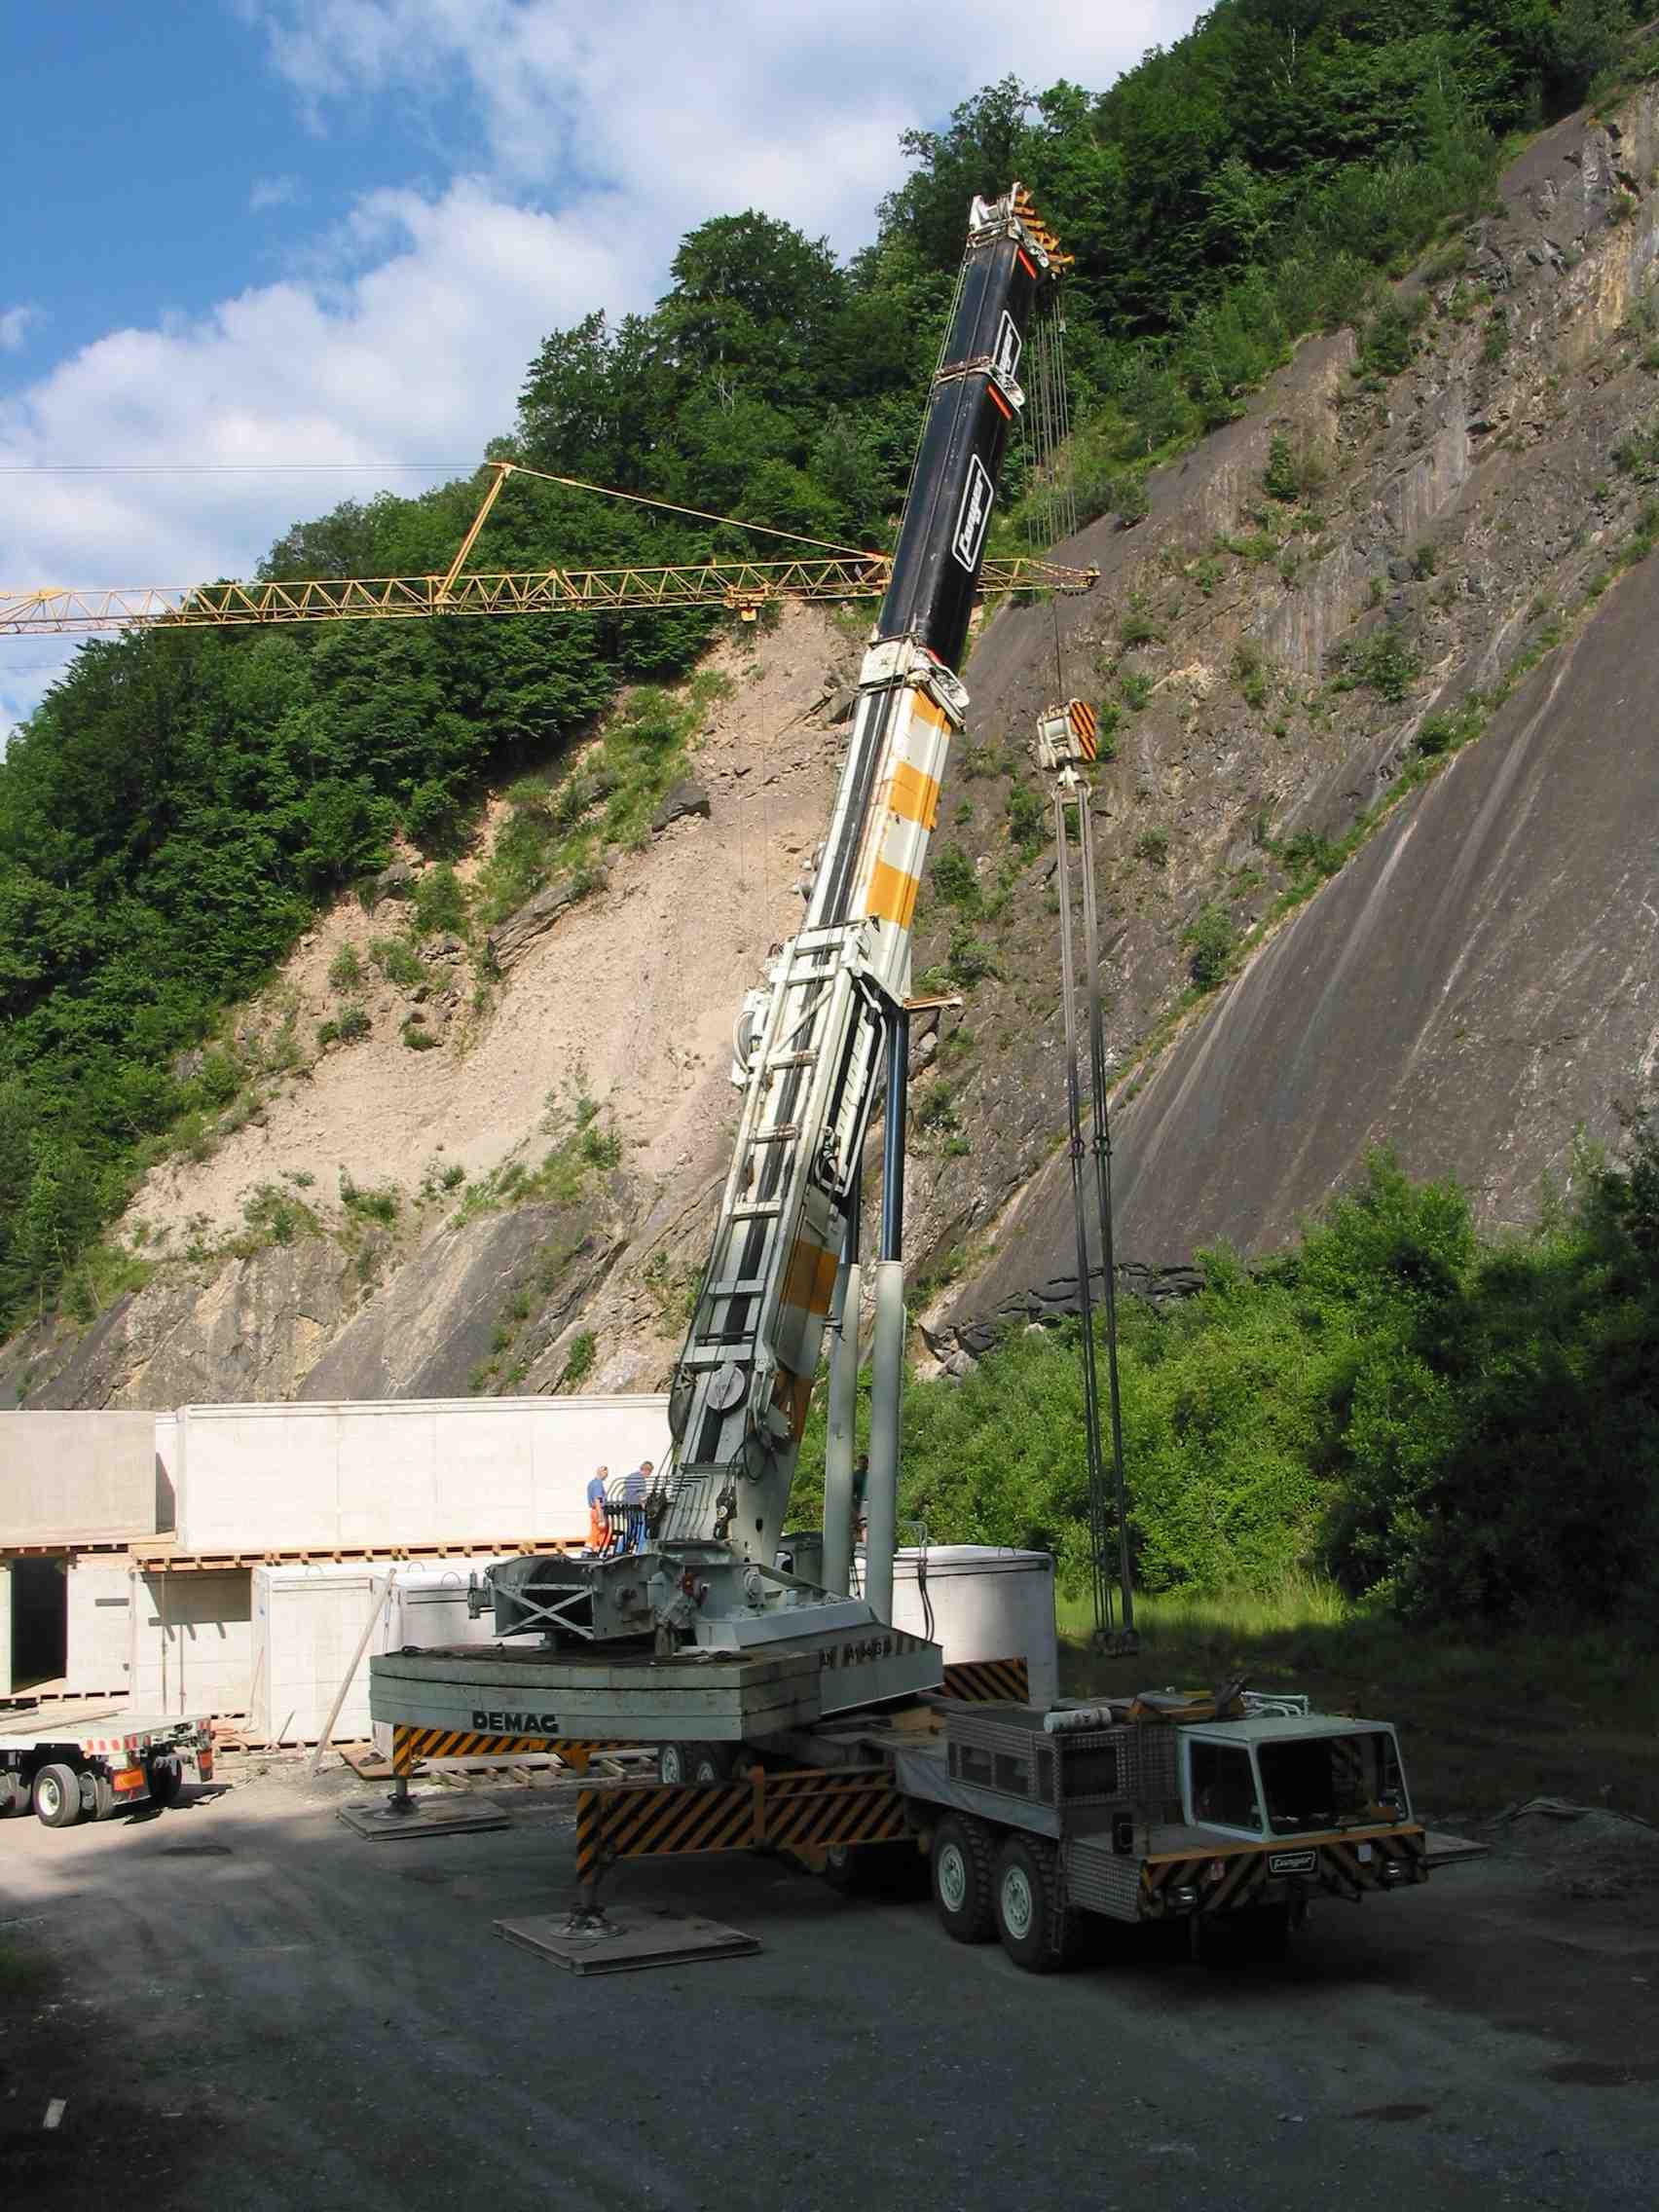 BauWasserung-und-Montage-Molenelemente_03